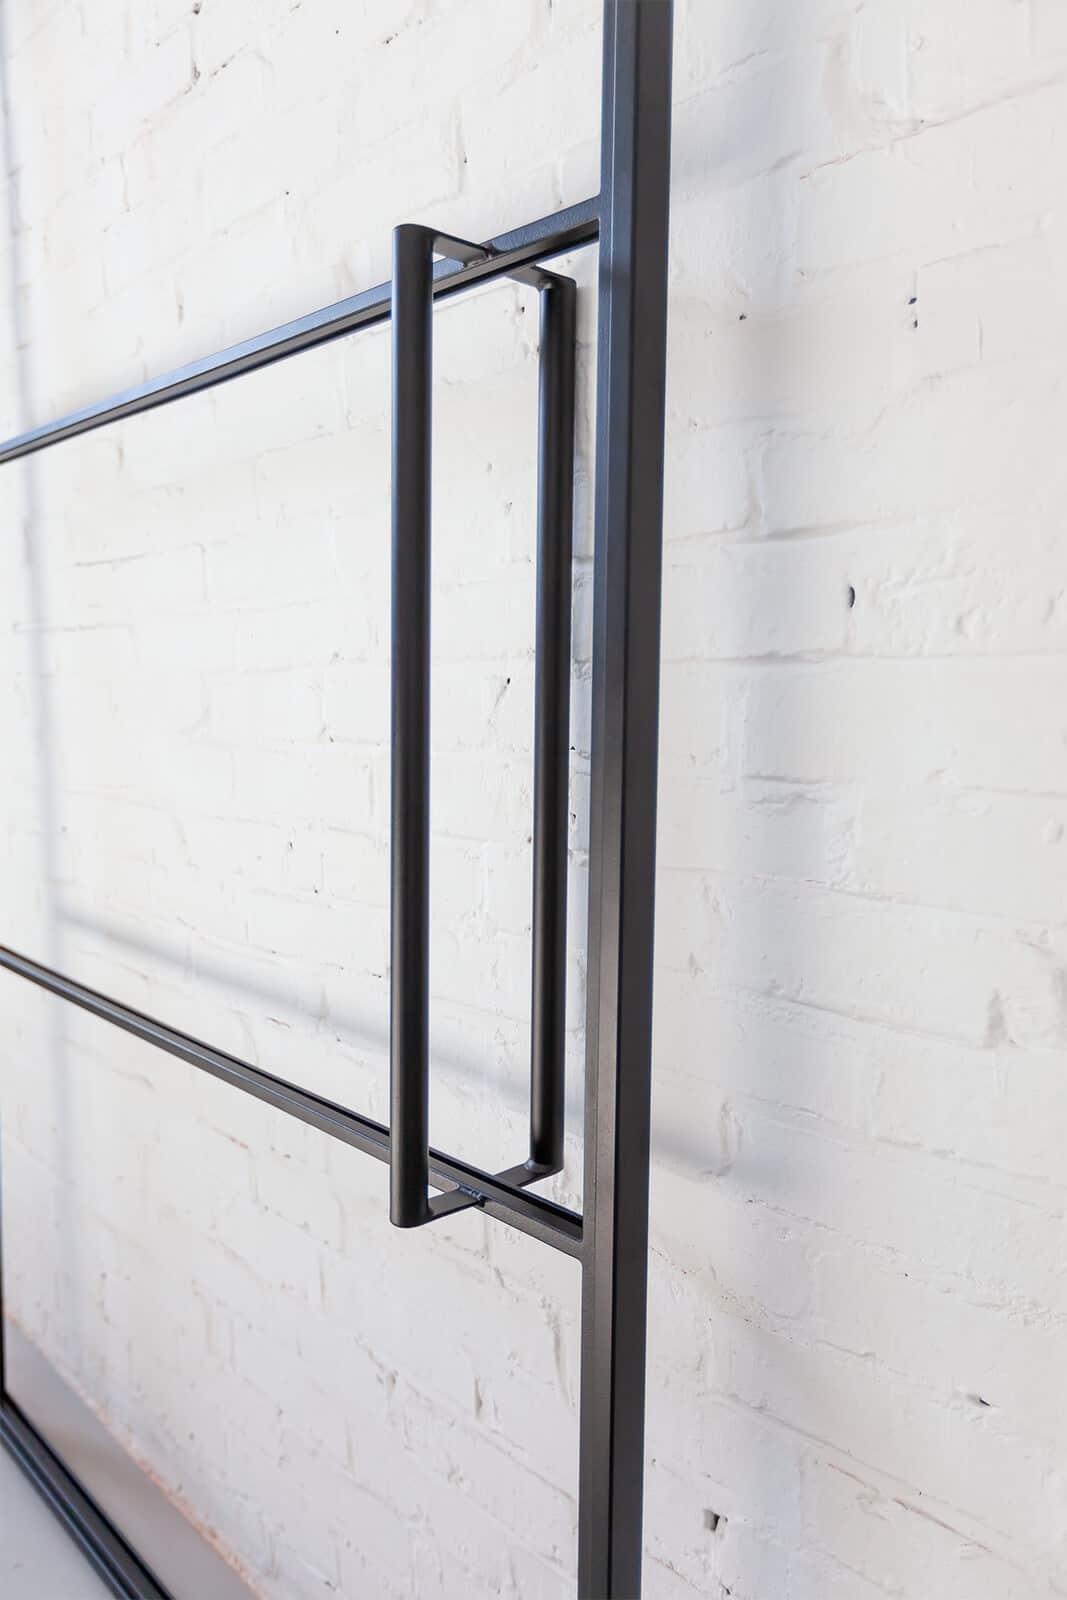 kurze Zugstange, Loftstahl, Loft-Stahl.de - N51E12, Stahl Loft Tür, Türgriff, Griff, Griffstange Kurz, Türbeschlag